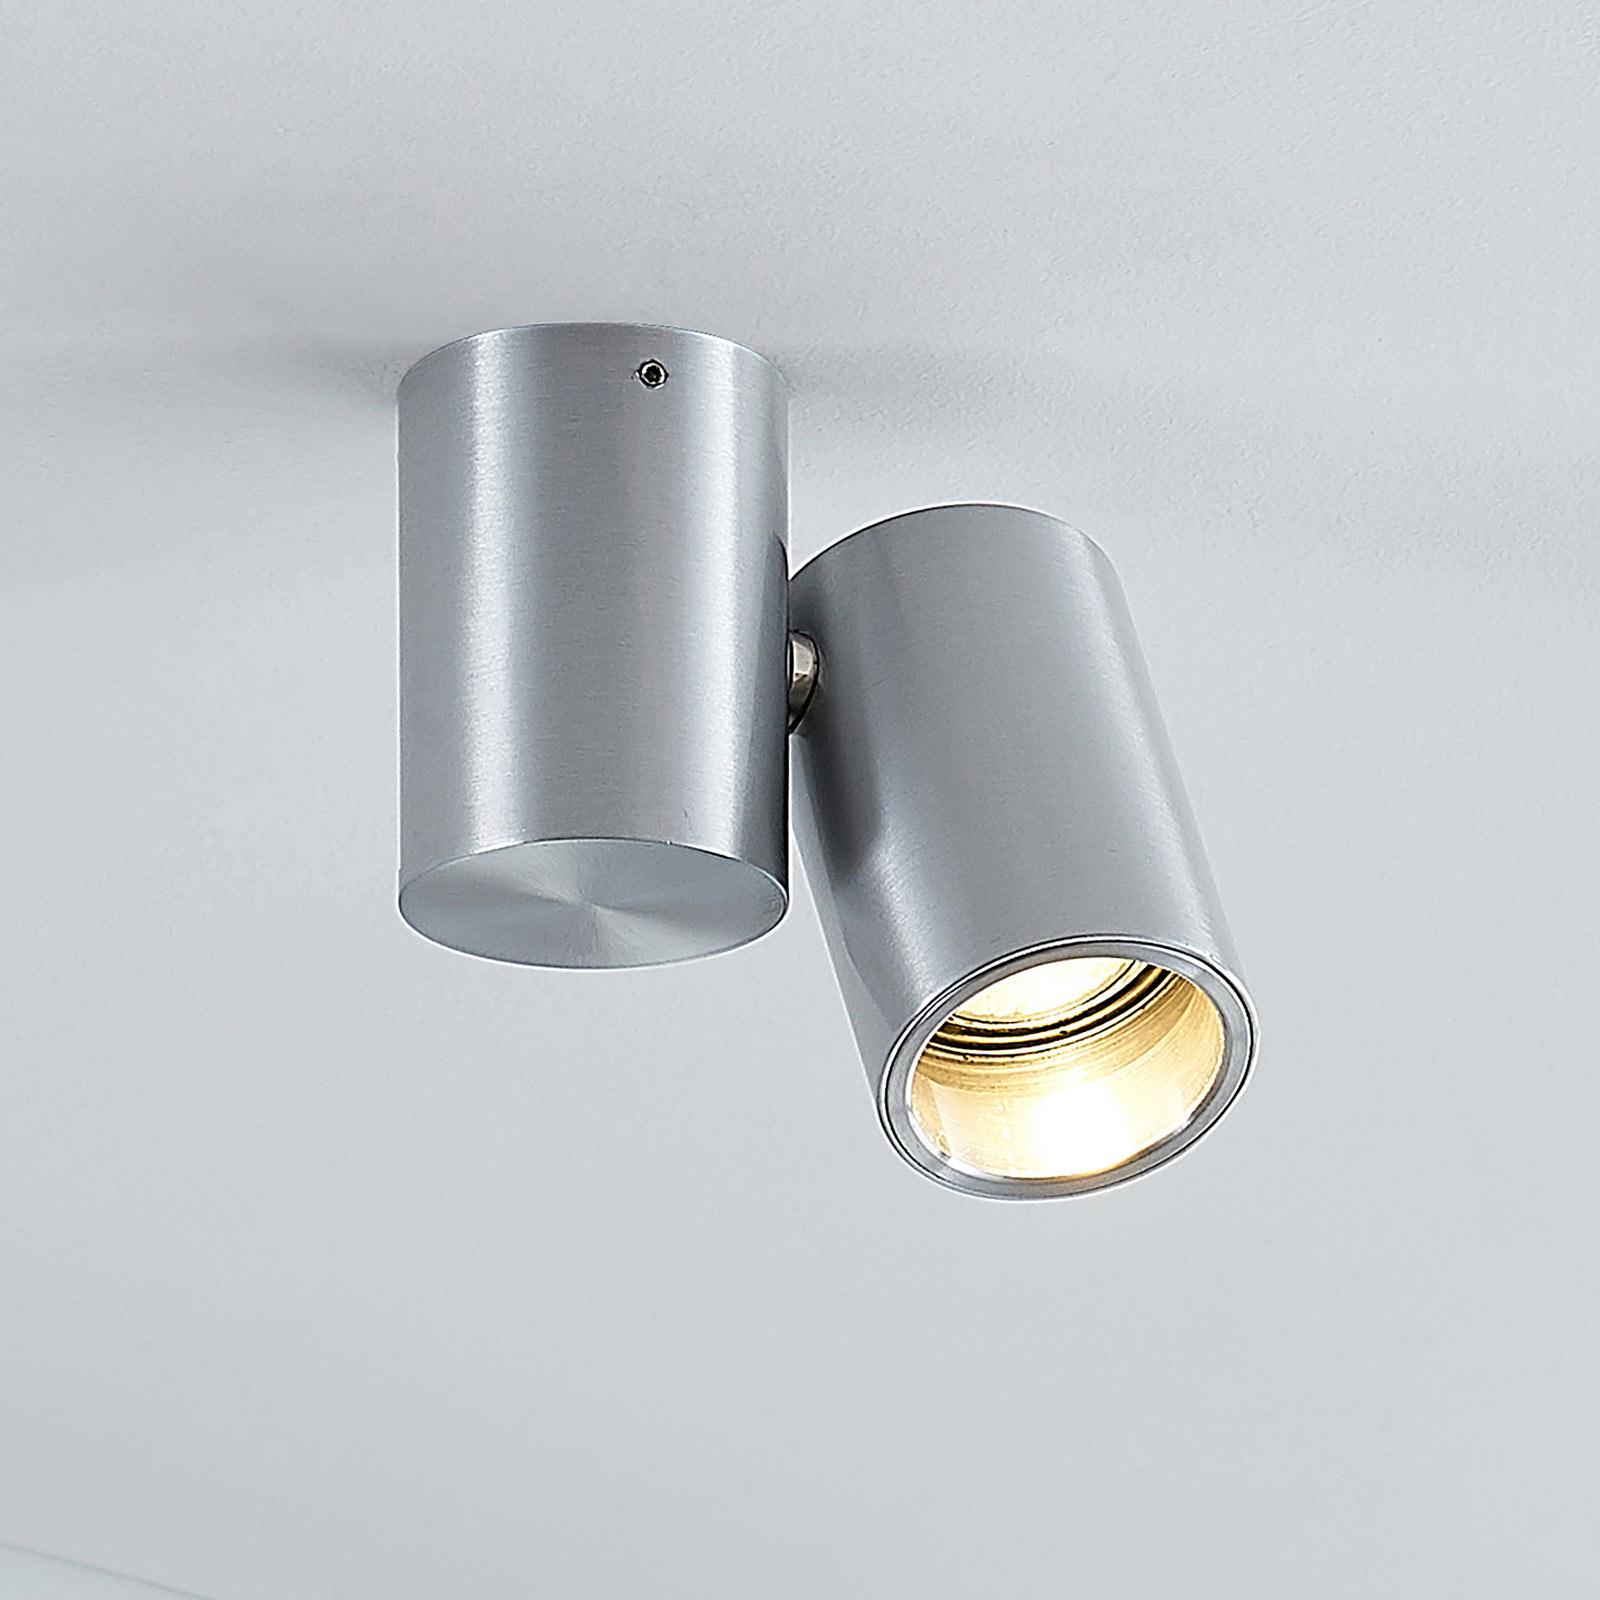 Taklampa Gesina, 1 lampa, aluminium